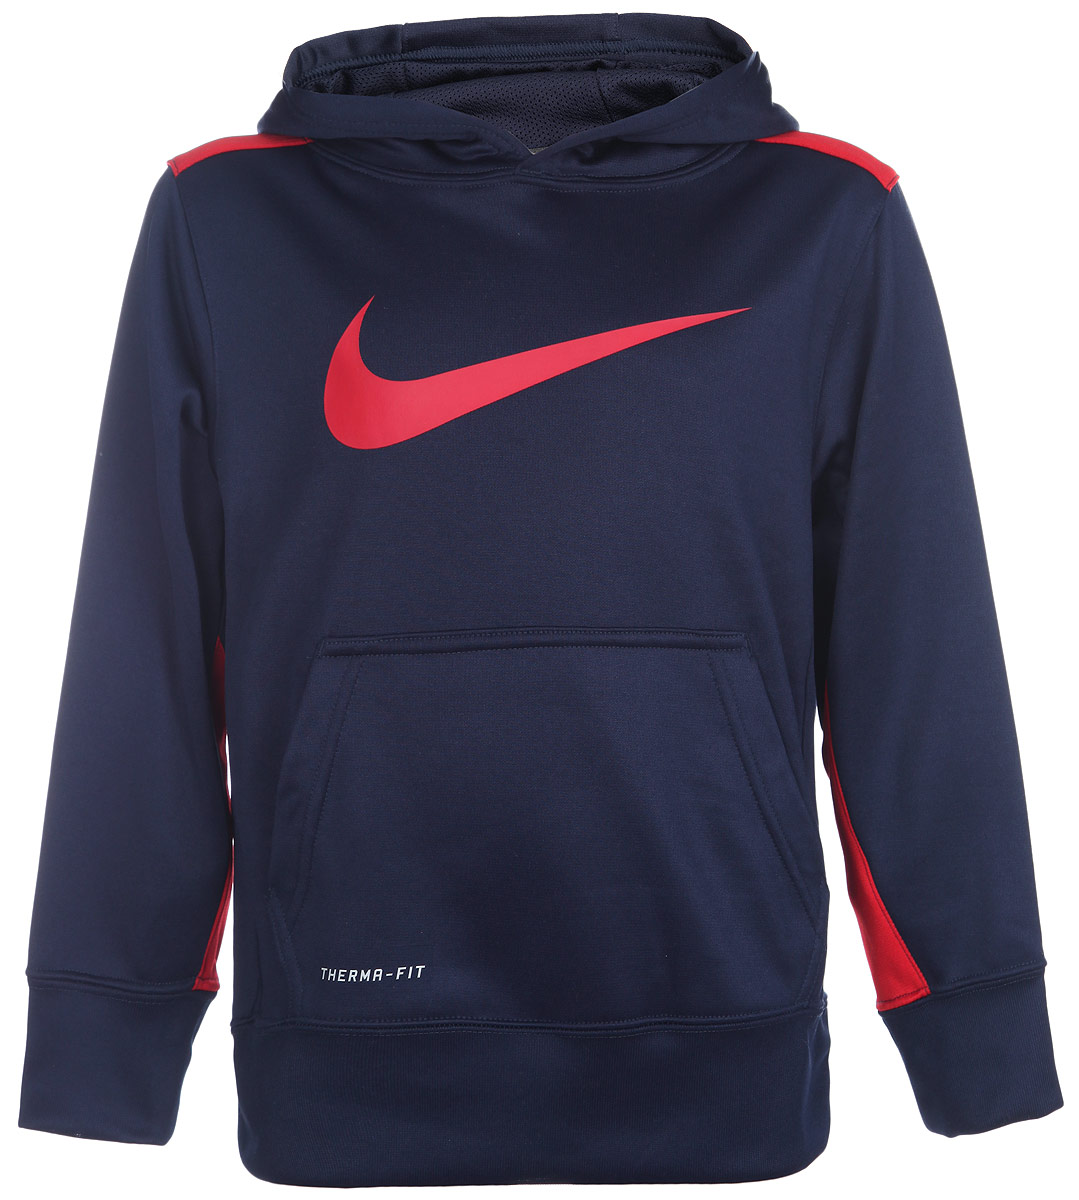 Толстовка для мальчика Nike KO 3.0 OTH, цвет: темно-синий, красный. 716859-452. Размер L (152/164)716859-452Стильная толстовка для мальчика KO 3.0 OTH идеально подойдет вашему маленькому непоседе для занятий спортом. Изготовлена из ткани Therma-FIT, которая отлично сохраняет тепло, и снабжена большим капюшоном с подкладкой из сетки для защиты и вентиляции. Лицевая сторона гладкая, а изнаночная - с мягким теплым начесом. Рукава дополнены широкими трикотажными манжетами, не стягивающими запястья. Понизу также проходит широкая трикотажная резинка. Спереди толстовка дополнена вместительным карманом кенгуру и принтом с логотипом Nike. Одноигольная строчка создает минималистичный образ. Оригинальный современный дизайн делает эту толстовку модным и стильным предметом детского гардероба. В ней ваш малыш будет чувствовать себя уютно и комфортно, и всегда будет в центре внимания!